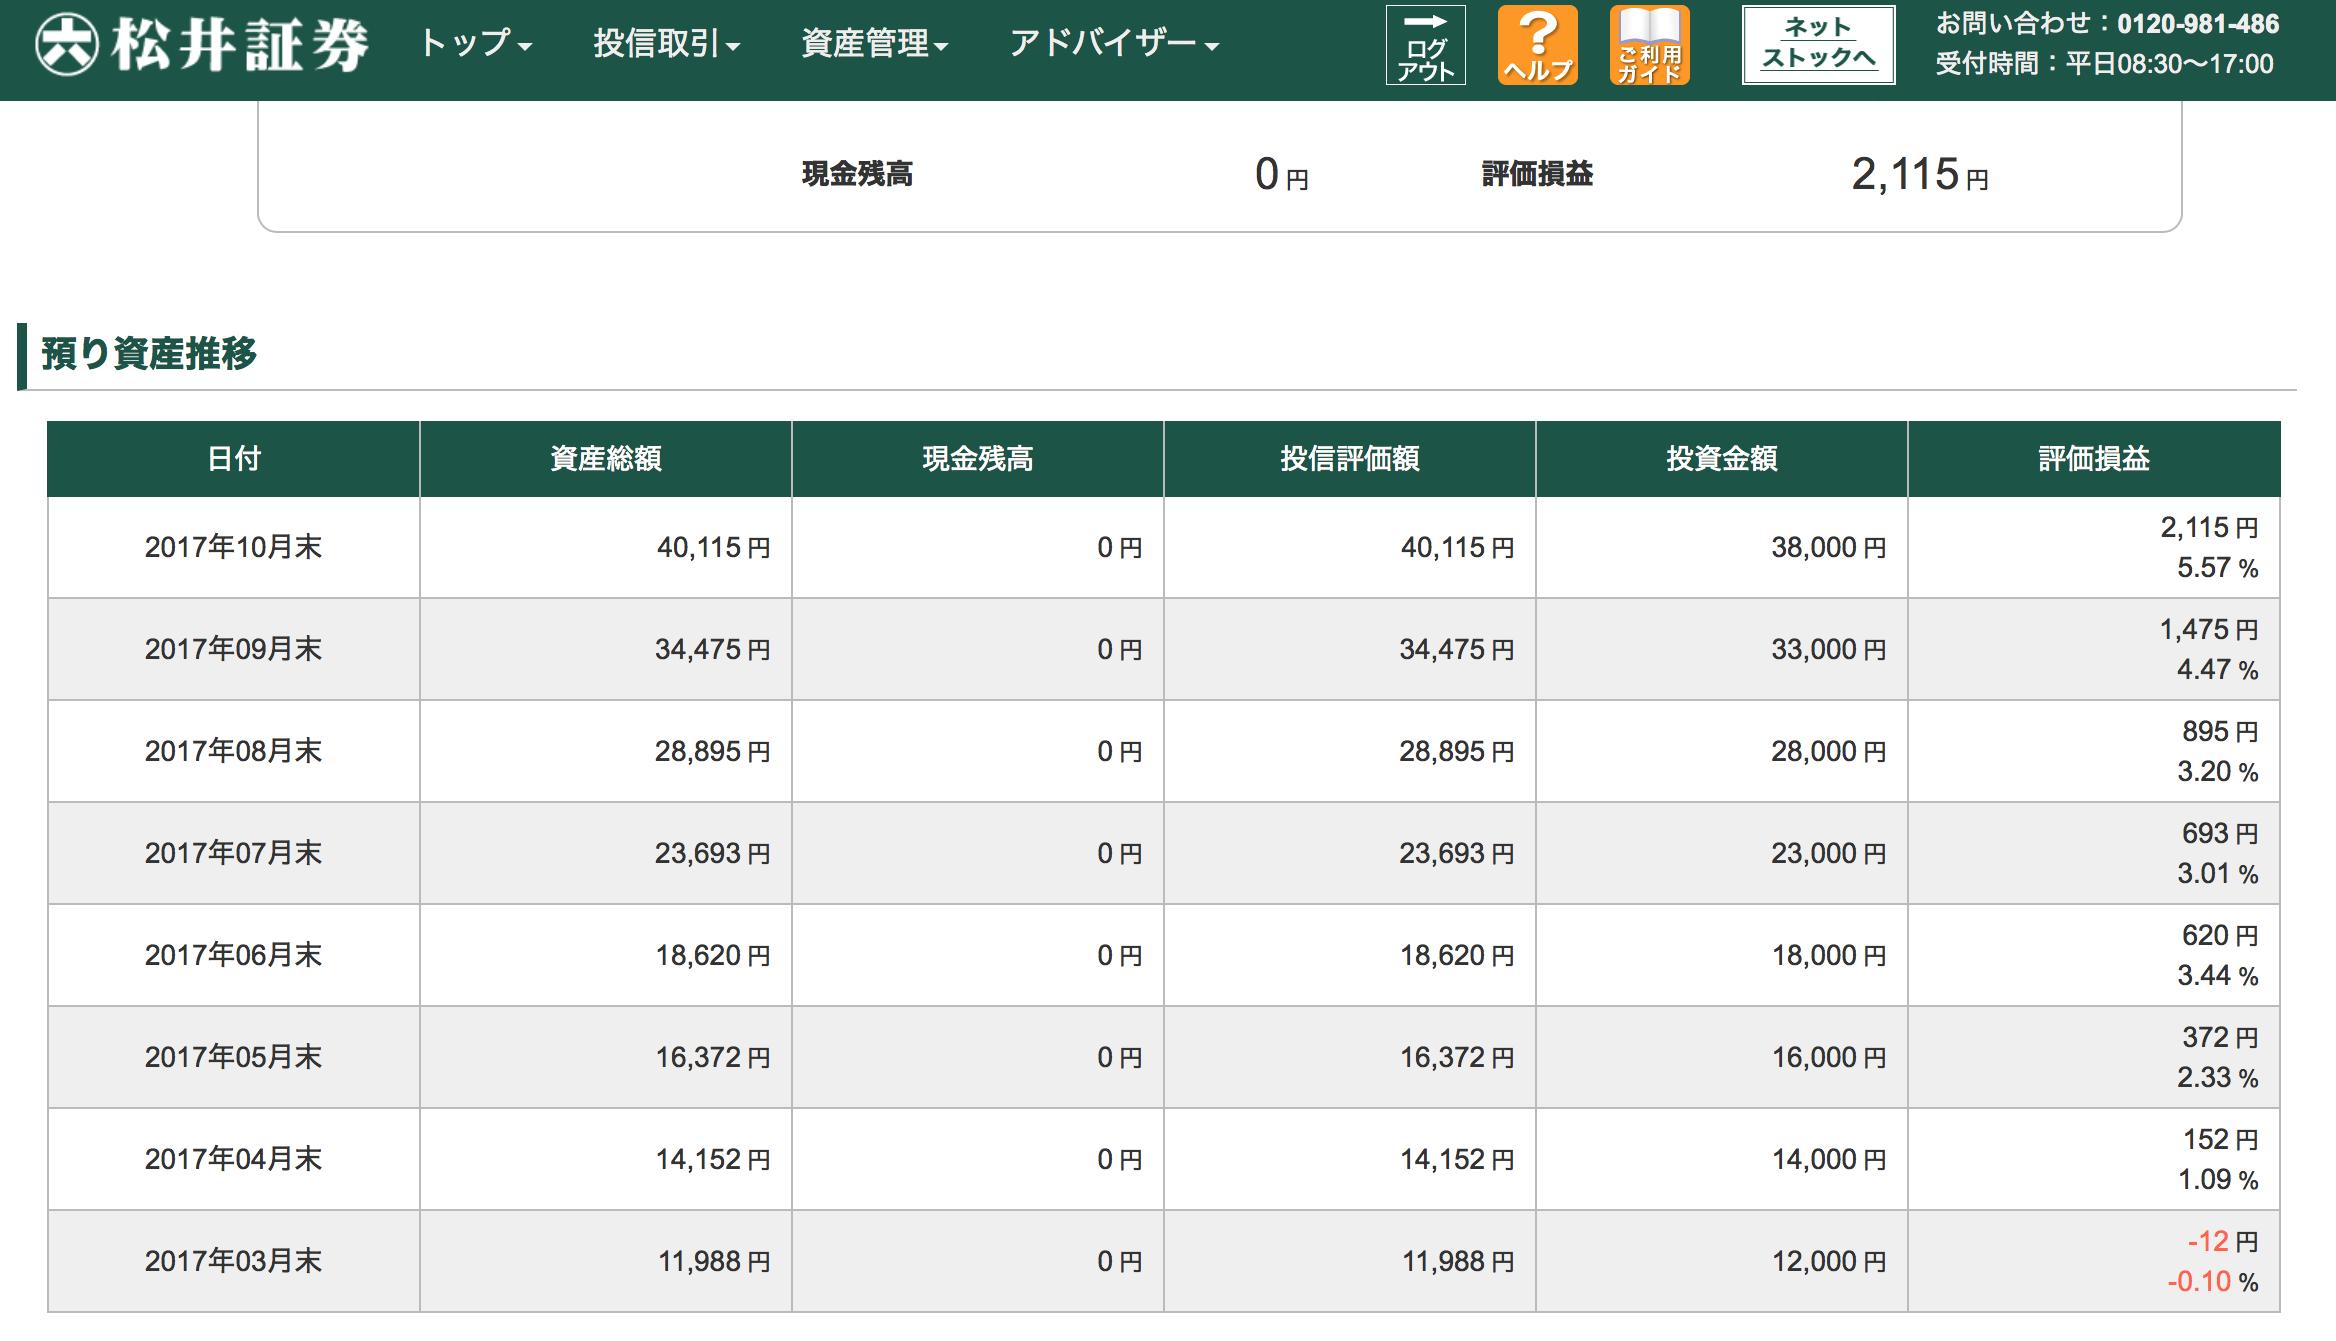 松井証券投信推移